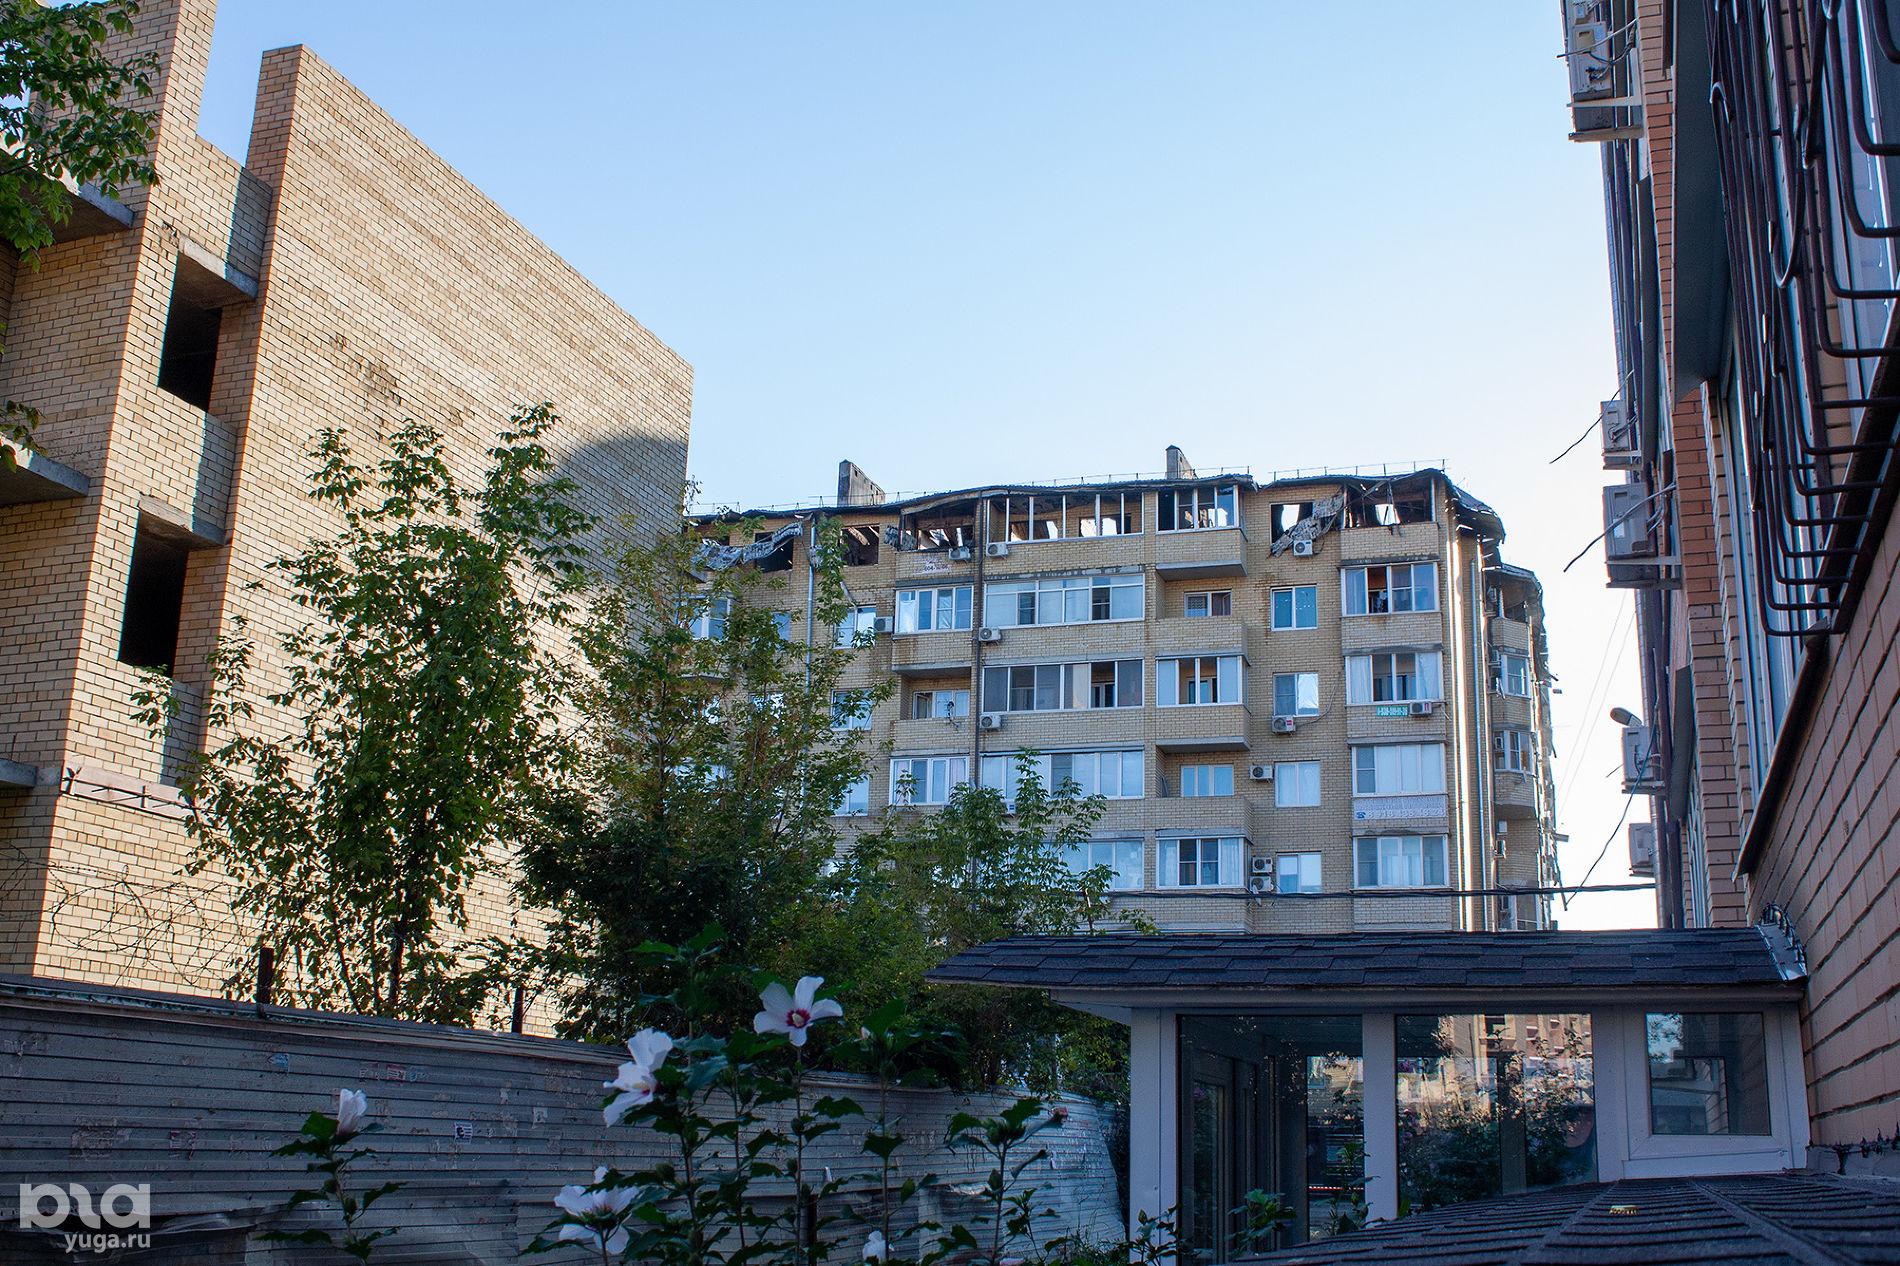 В Краснодаре в ночном пожаре в многоэтажке сгорело 64 квартиры ©Фото Дмитрия Пославского, Юга.ру